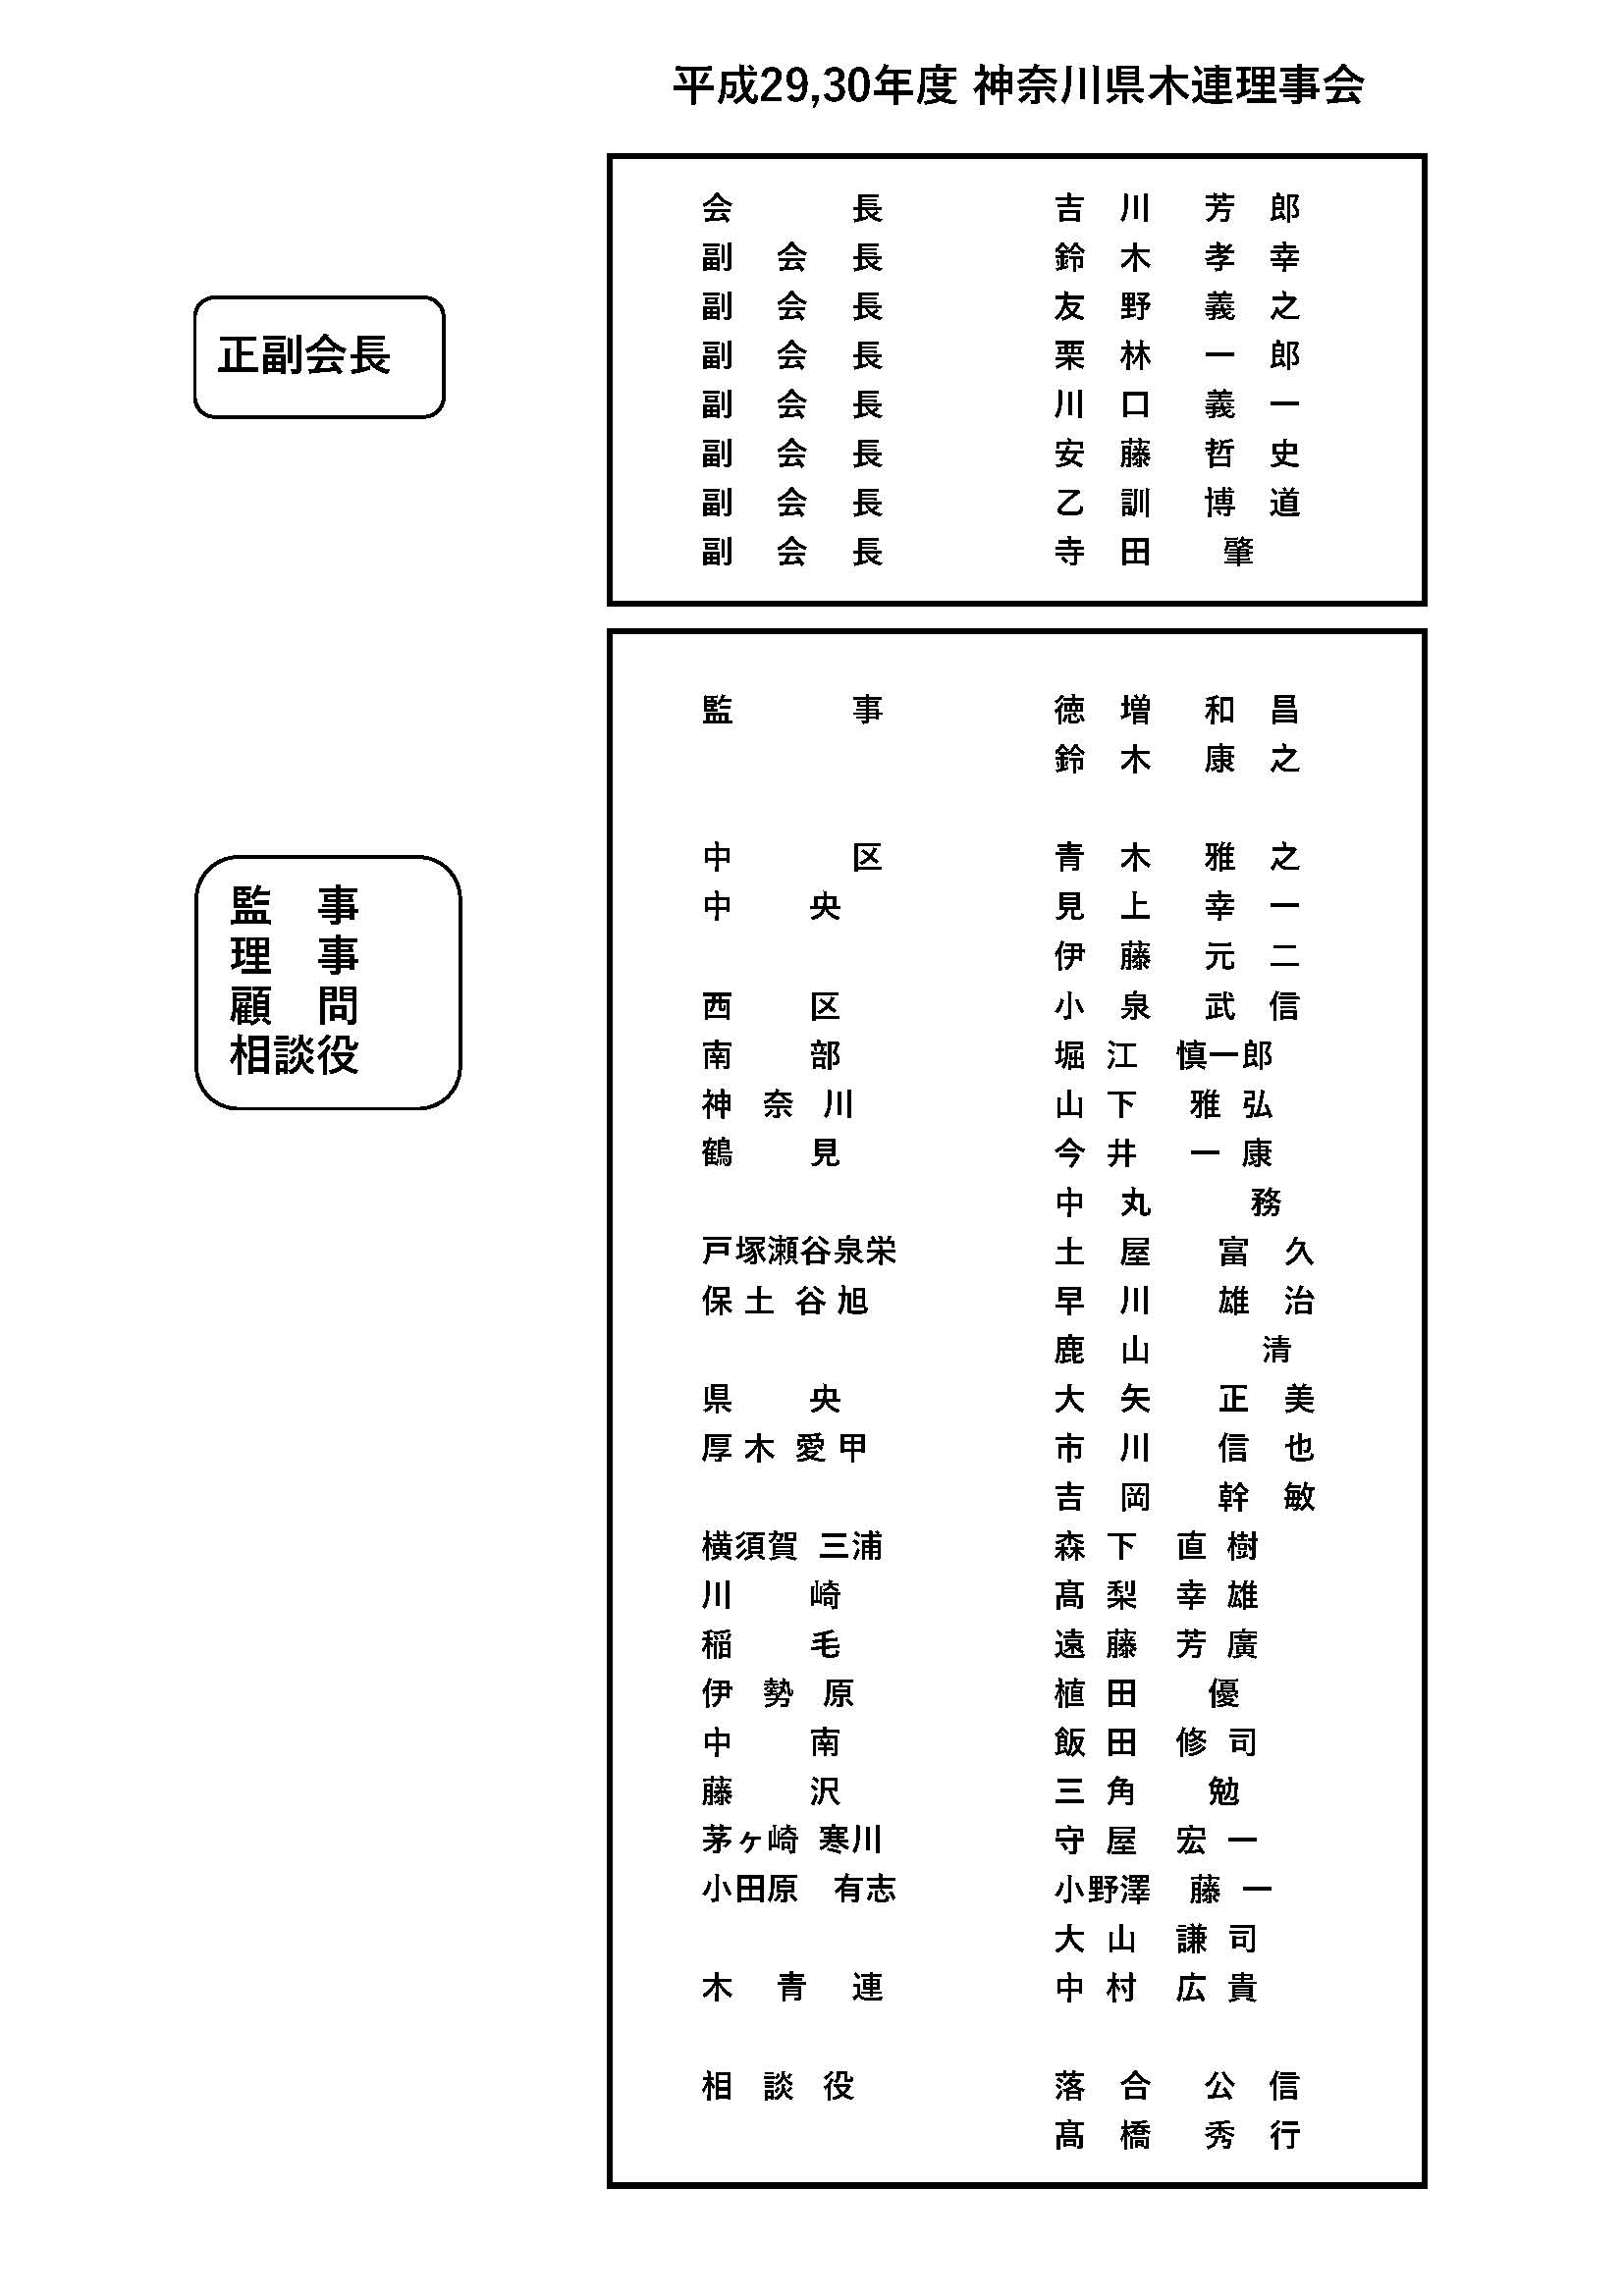 神奈川県木連組織表の画像